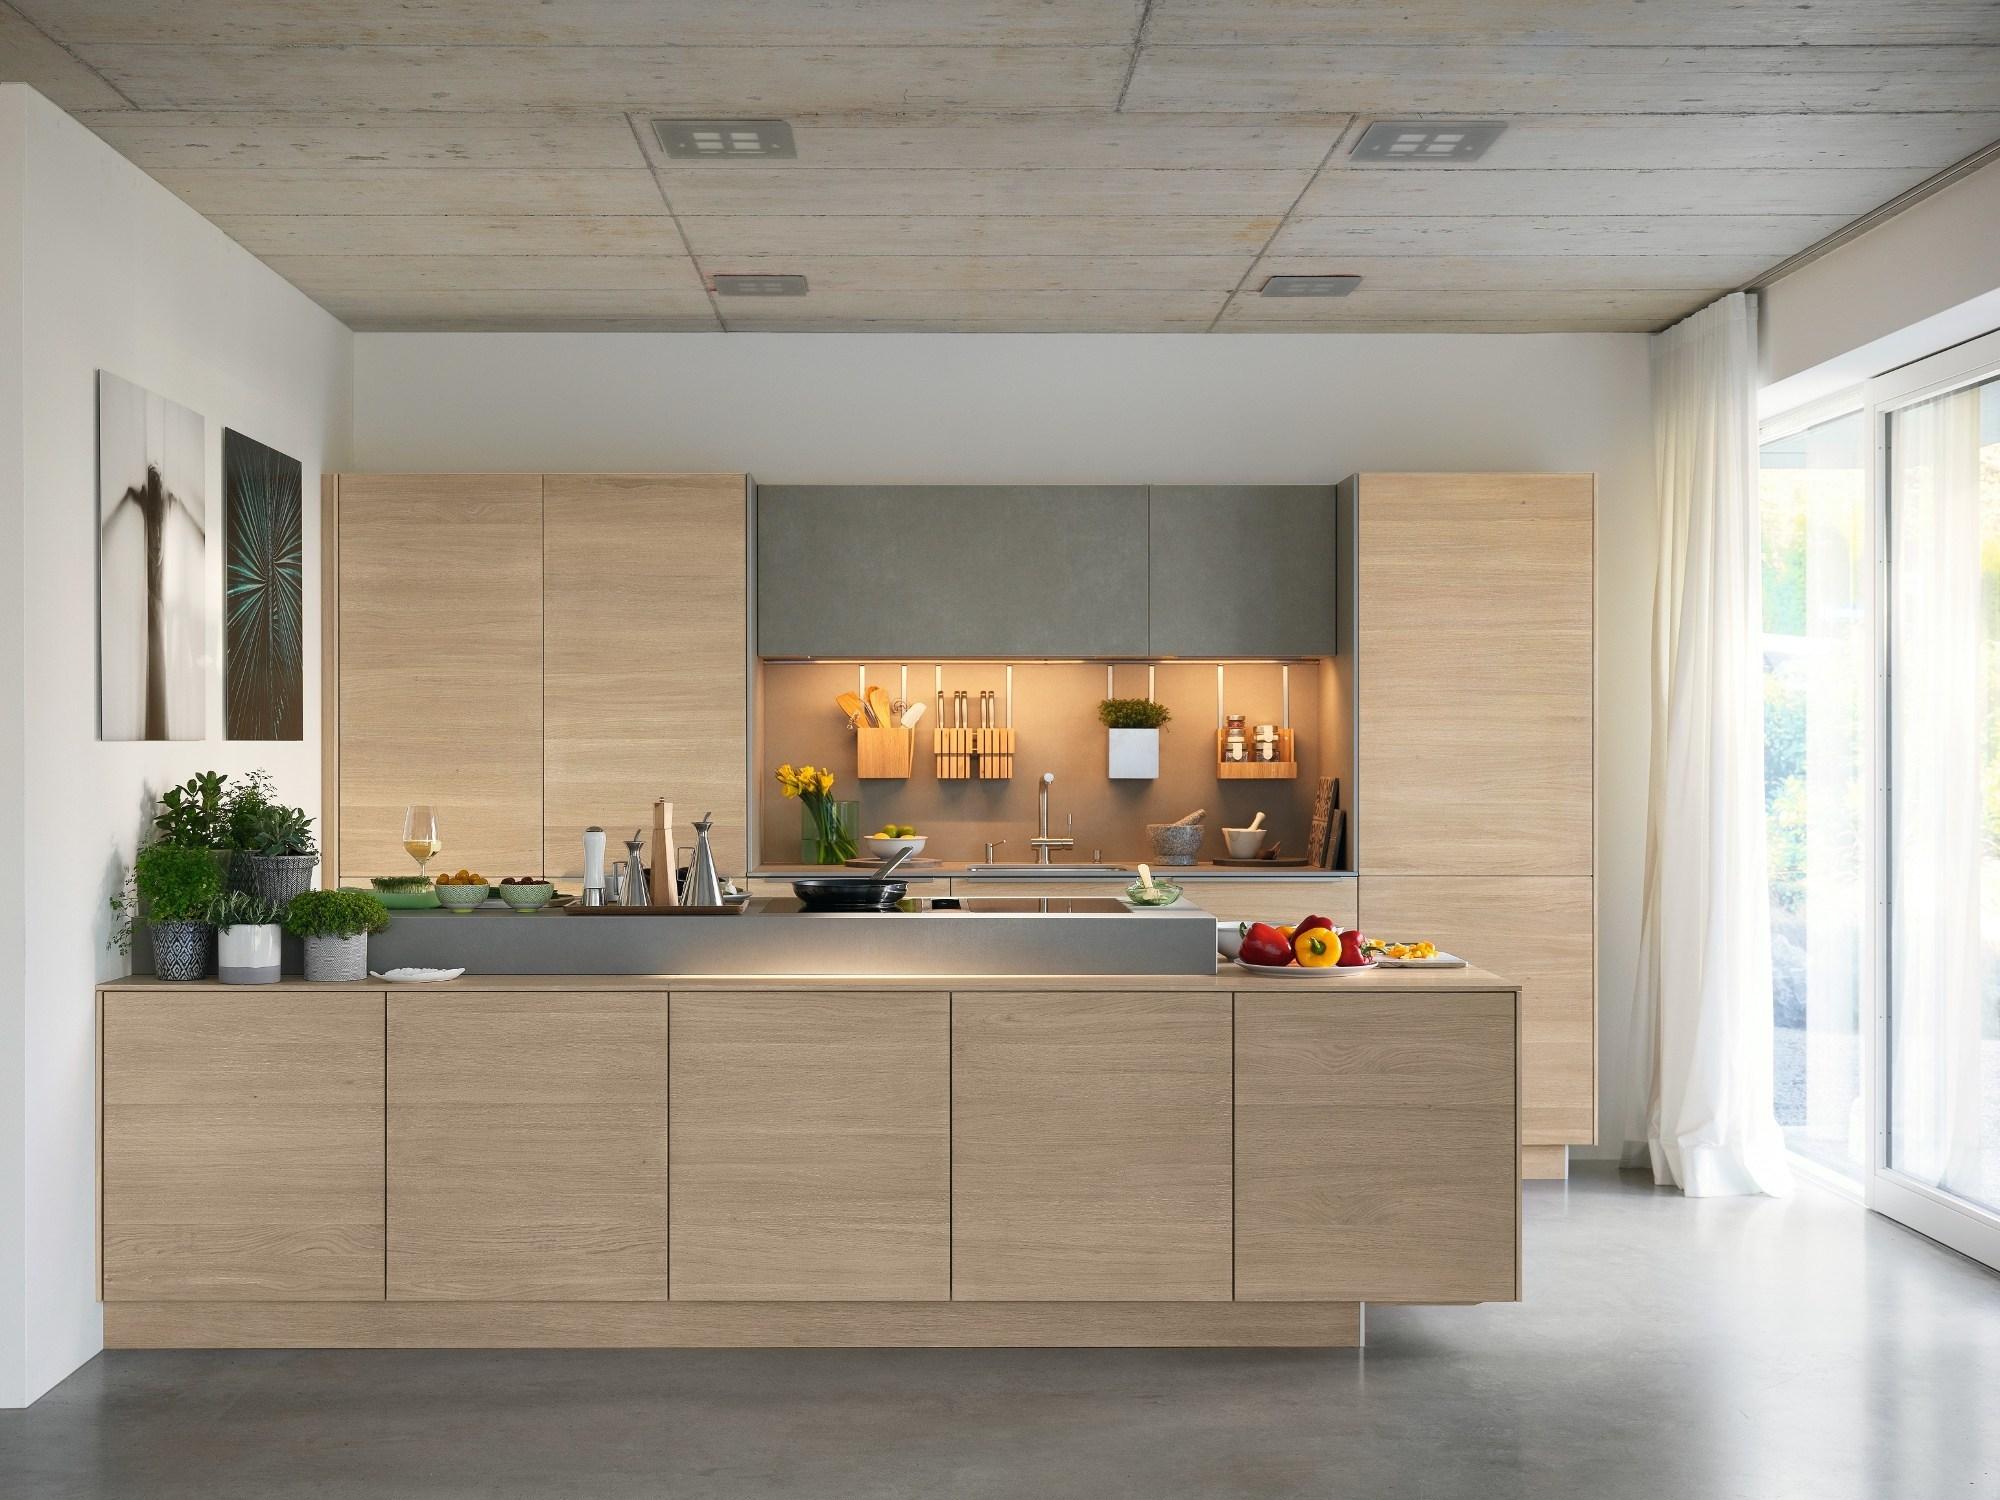 filigno küche von team 7